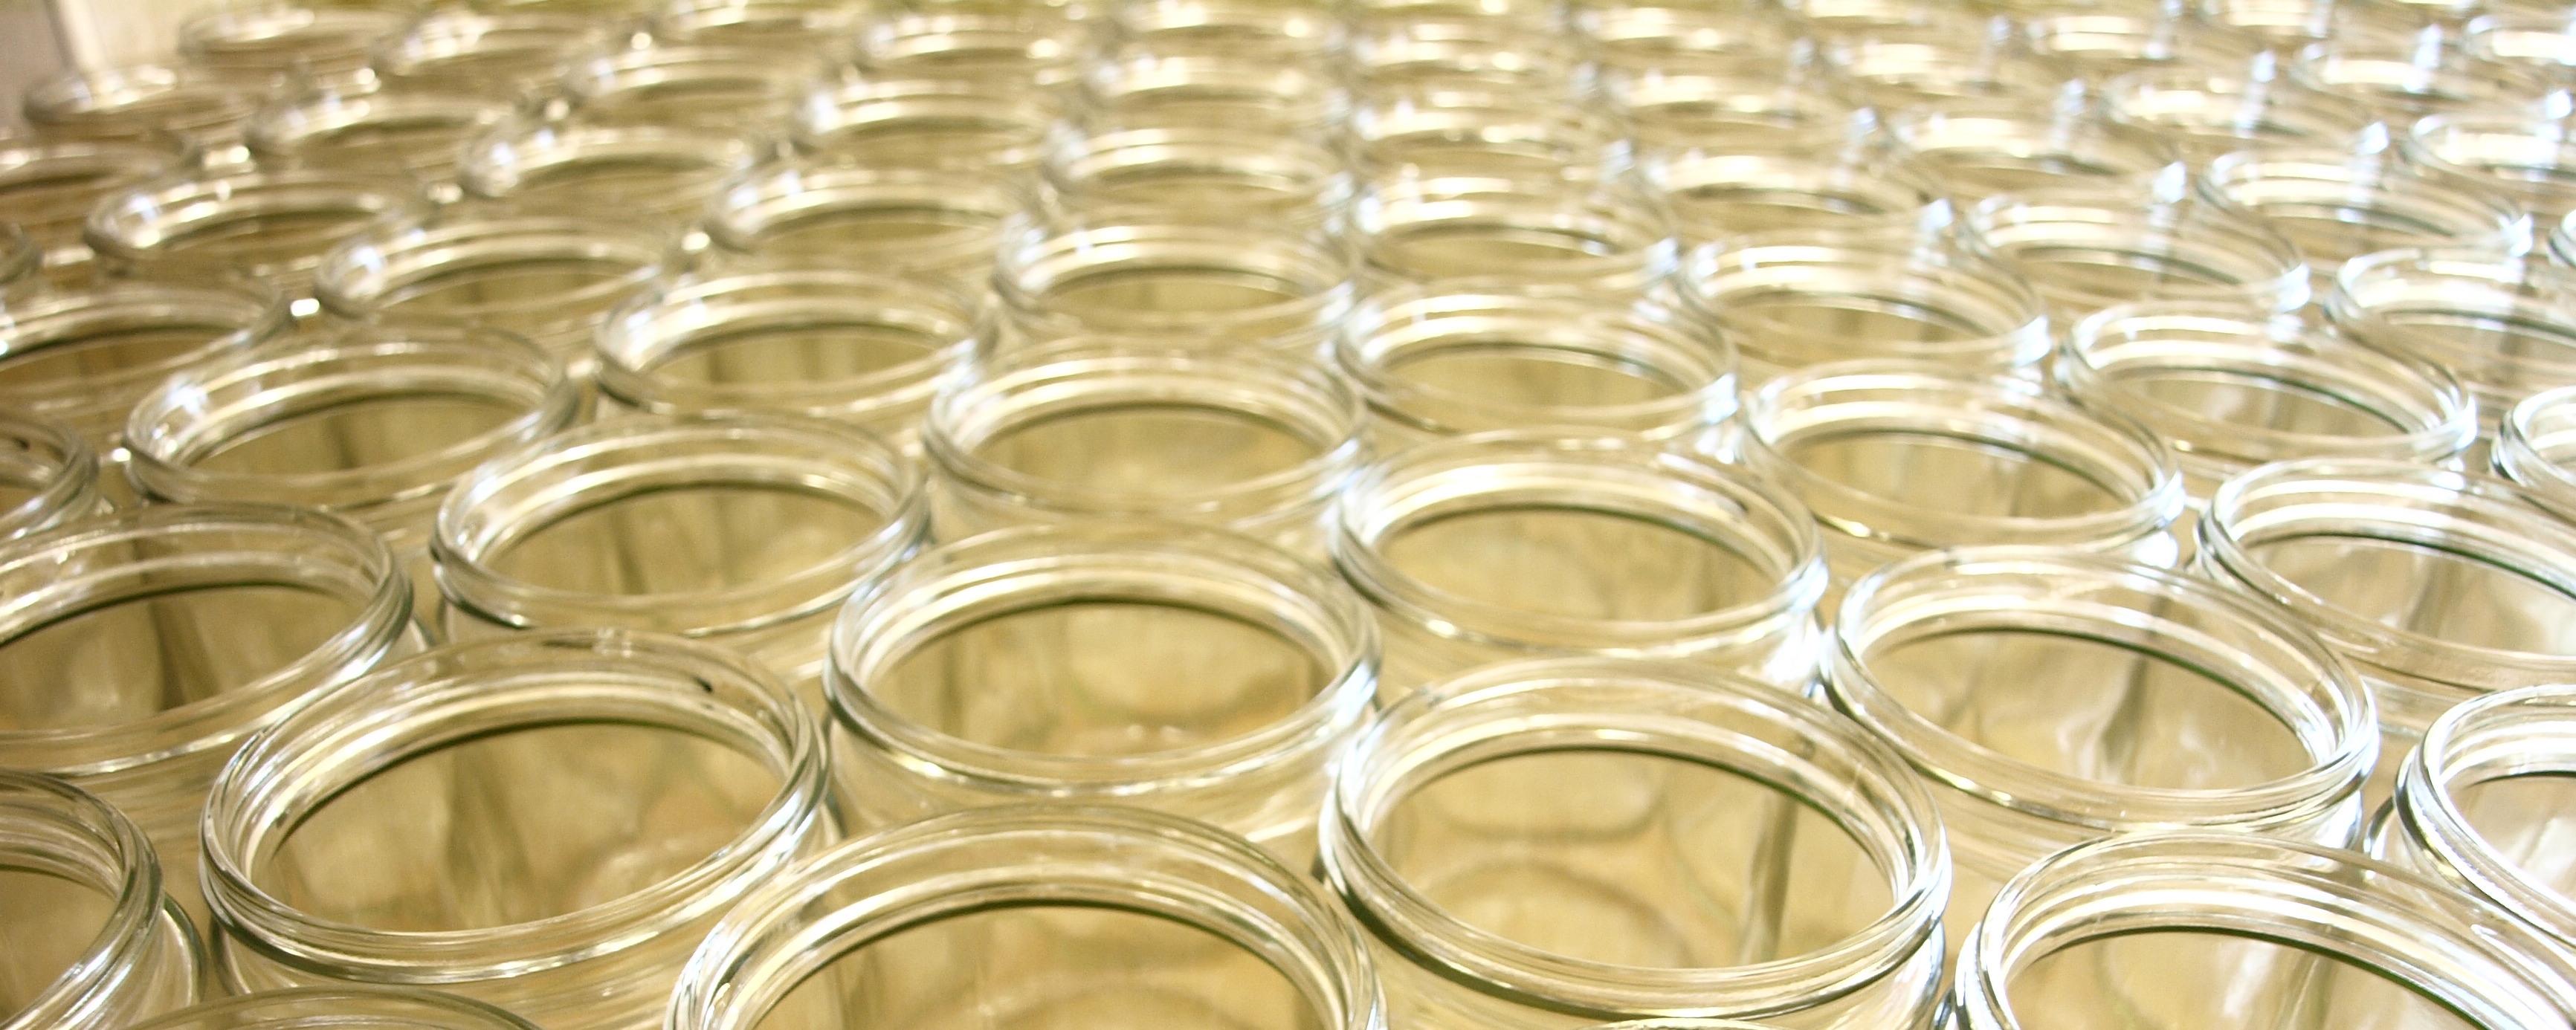 Honiggläser in verschiedenen Größen